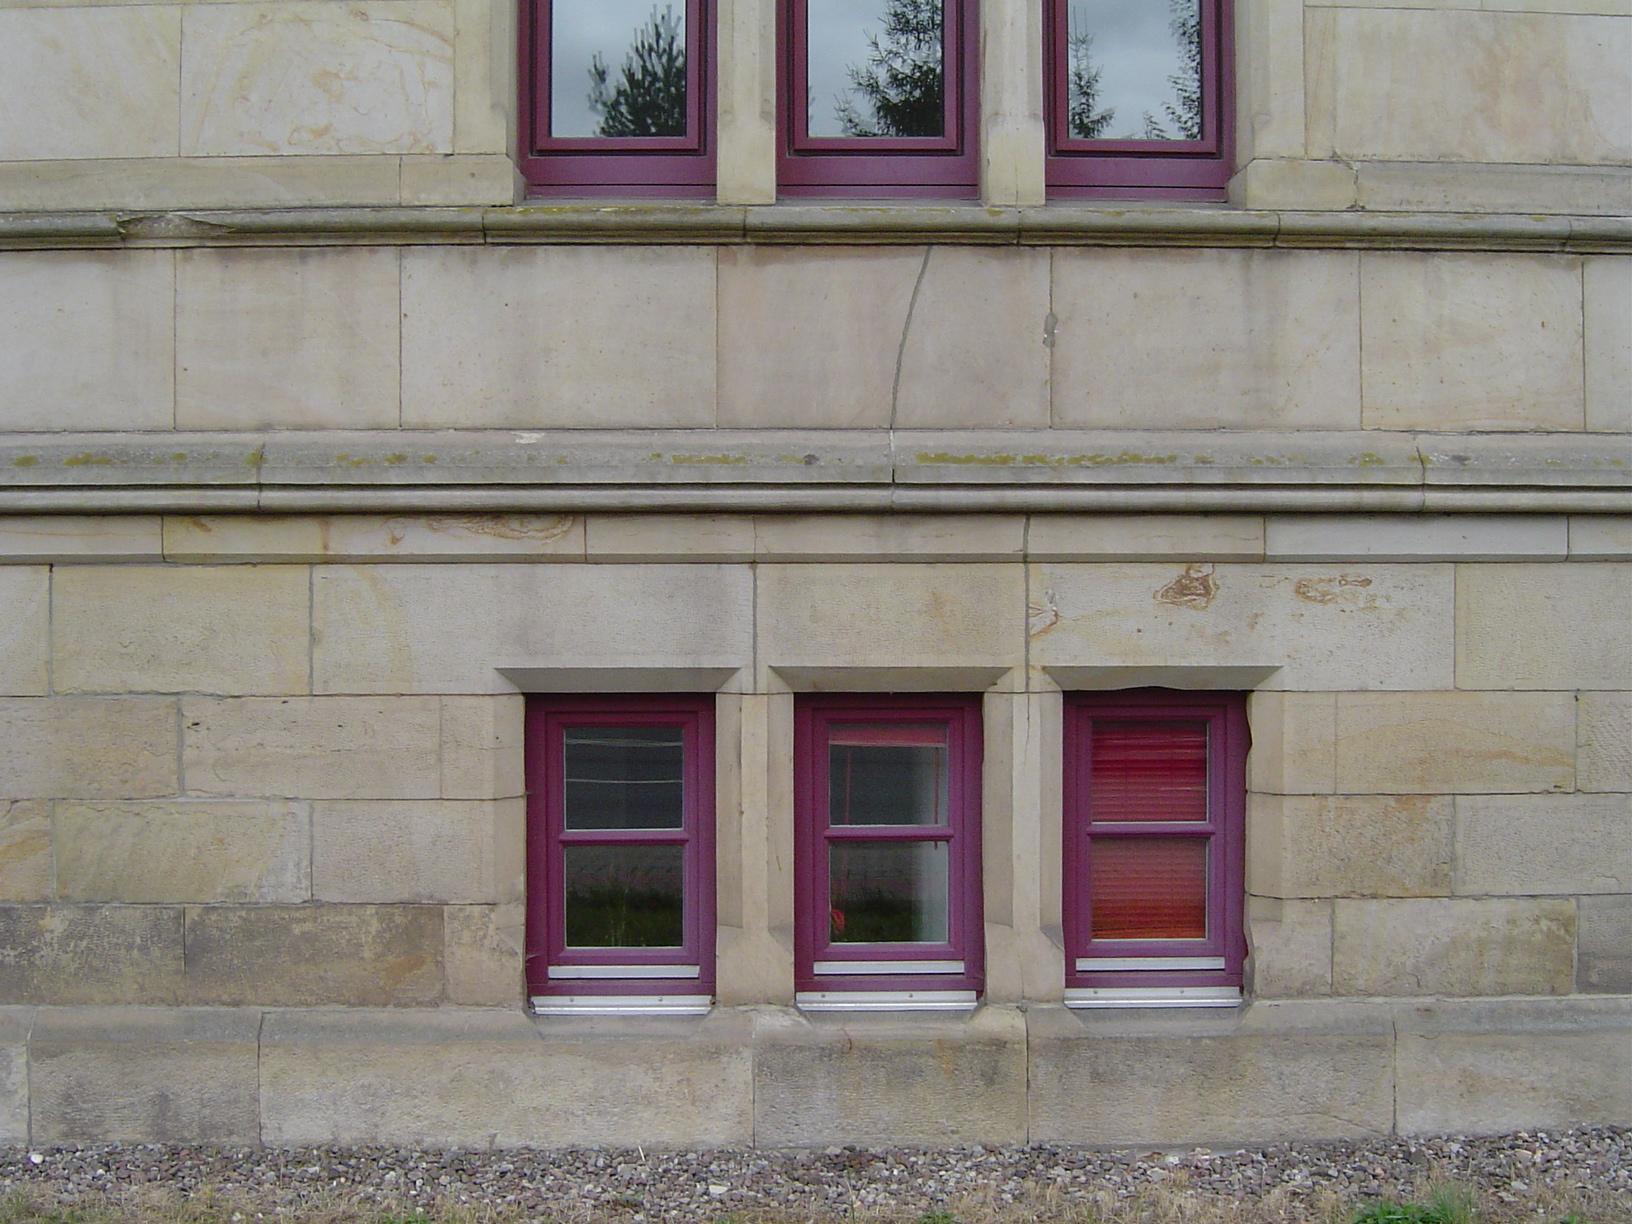 rigoletto facade windows buildin architecture glass